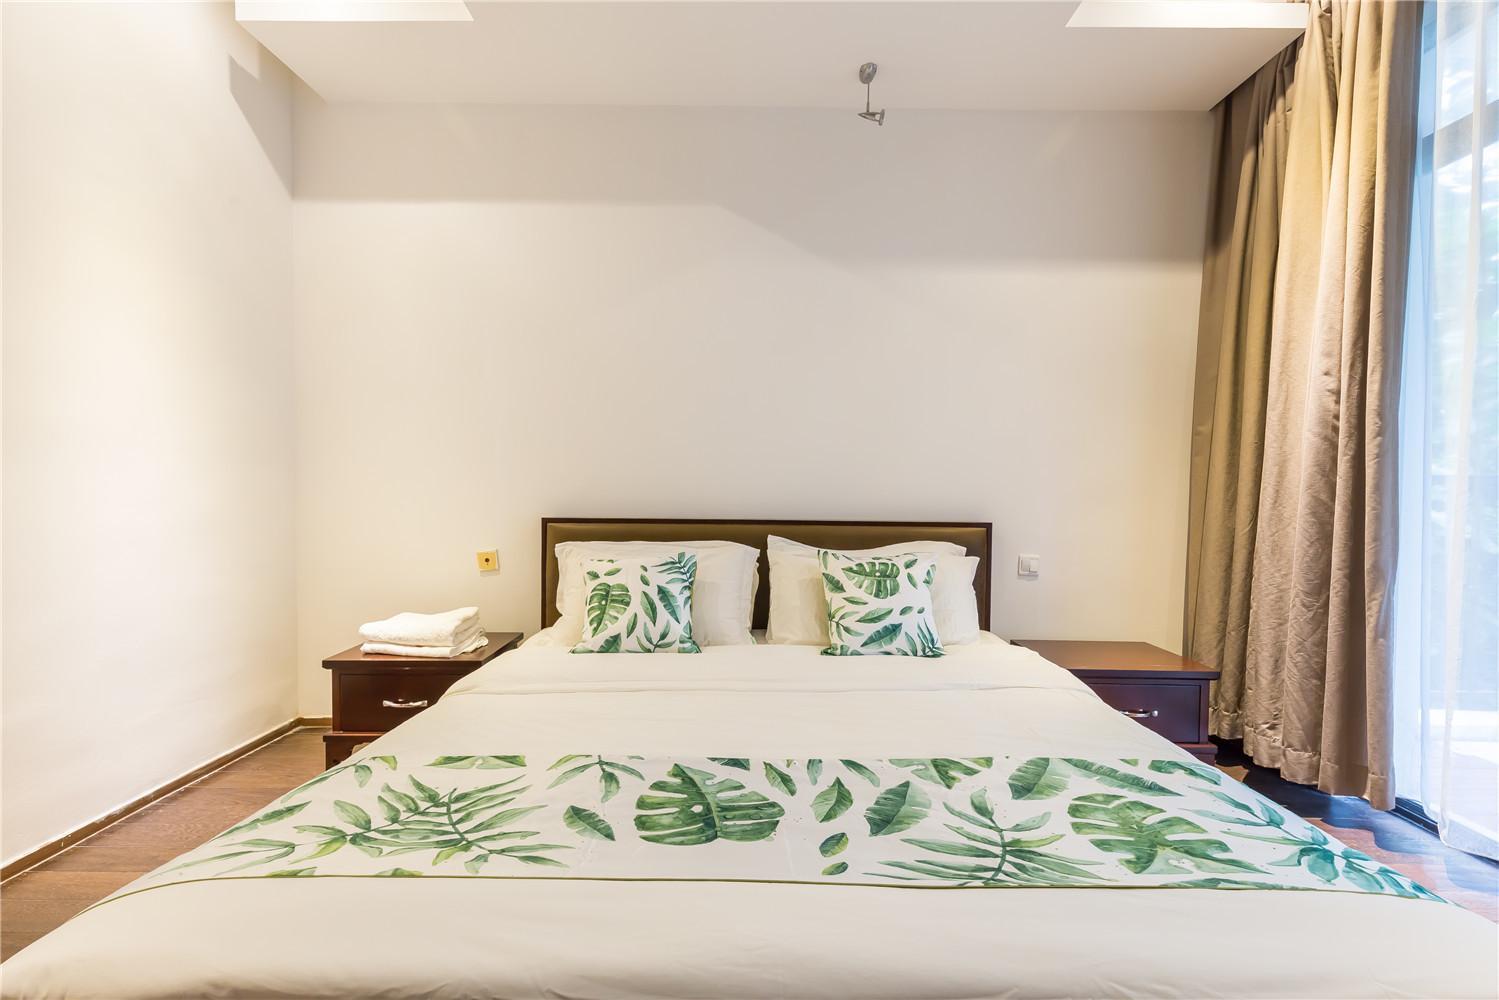 三亚紫龙花园洋房度假公寓精品一卧室一厅度假套房